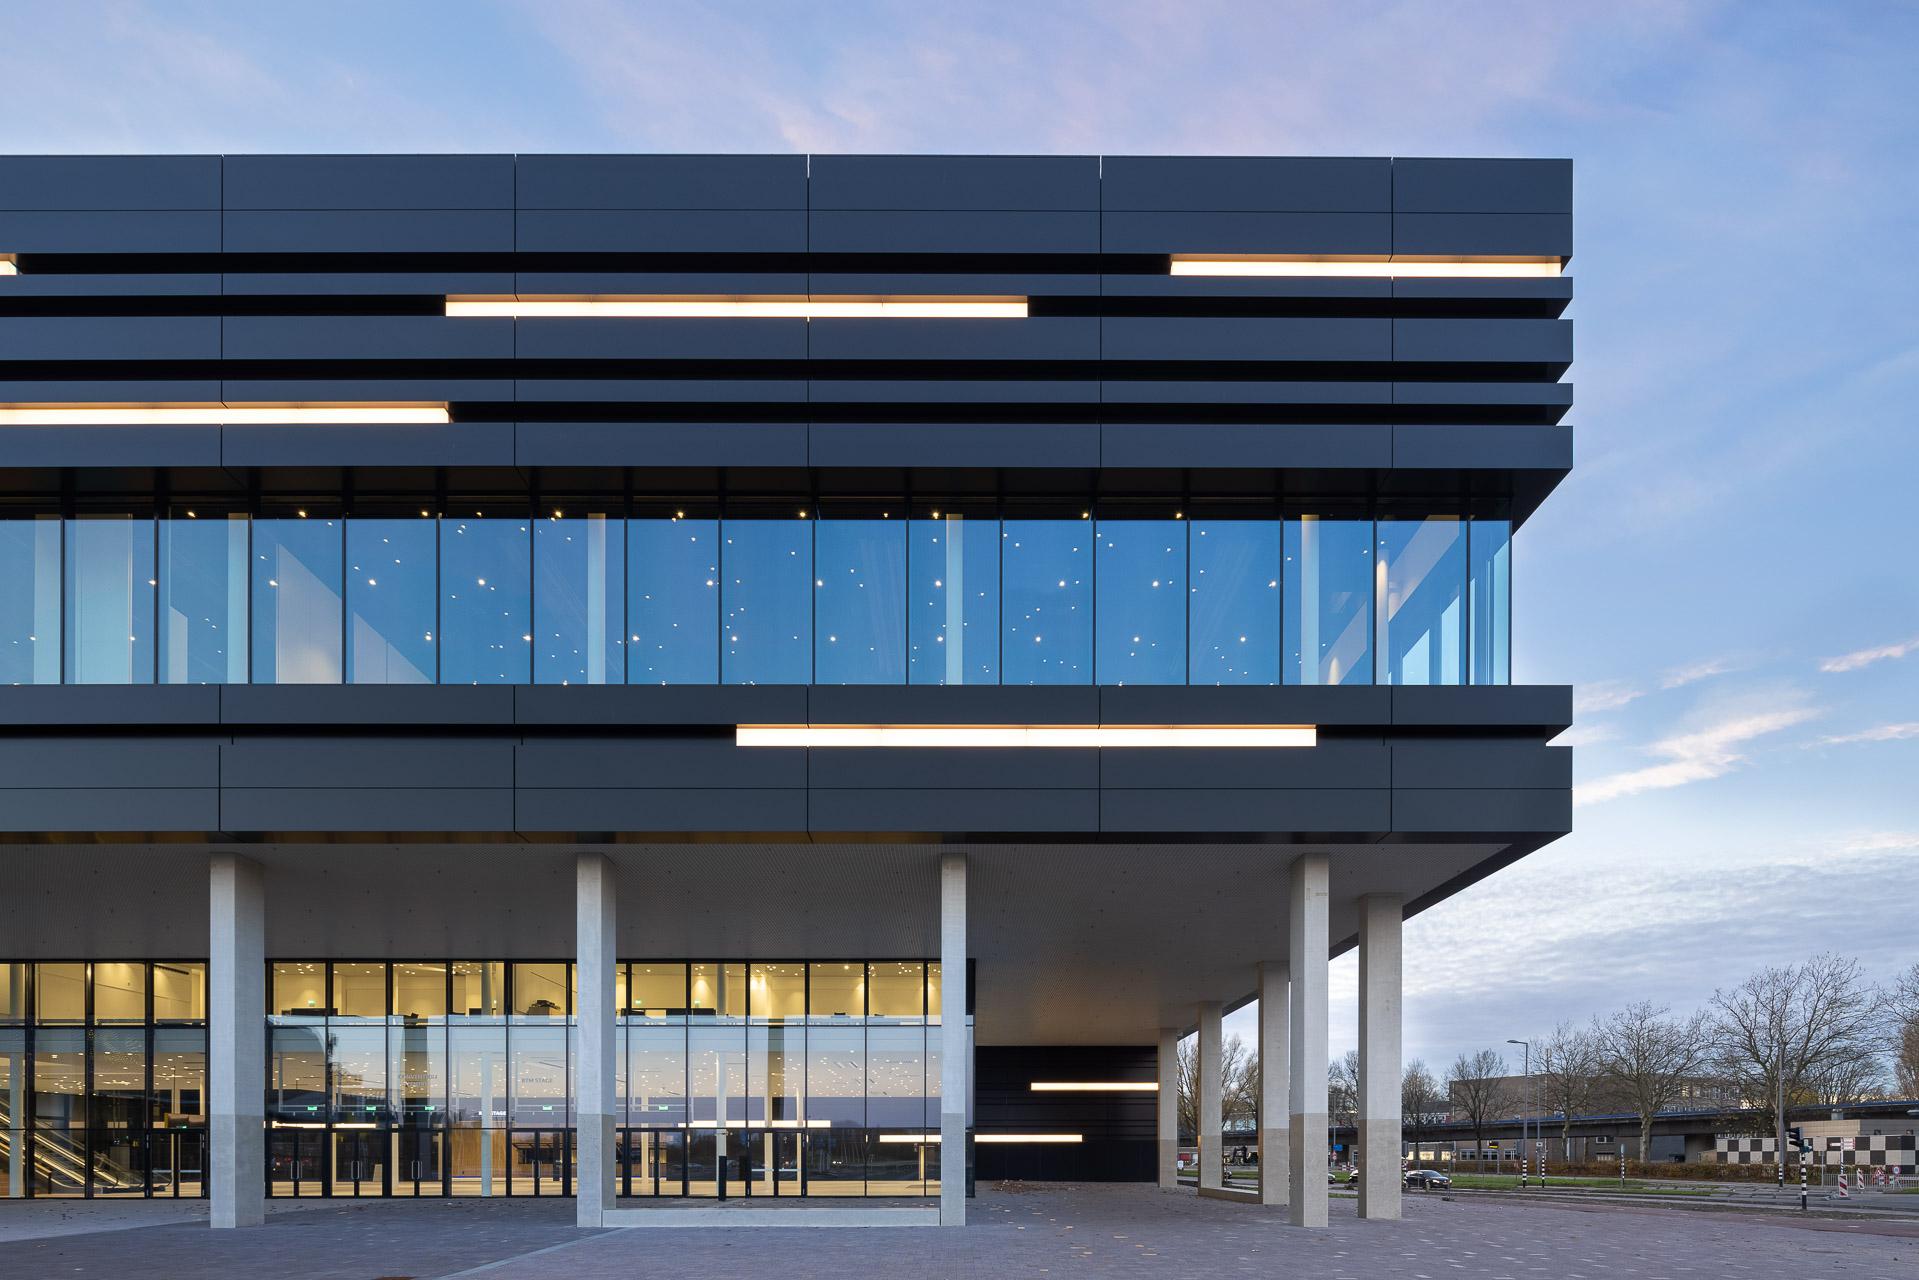 SP2020-Rotterdam-Ahoy-Convention-Centre-Exterieur-12-Architectuur-fotografie